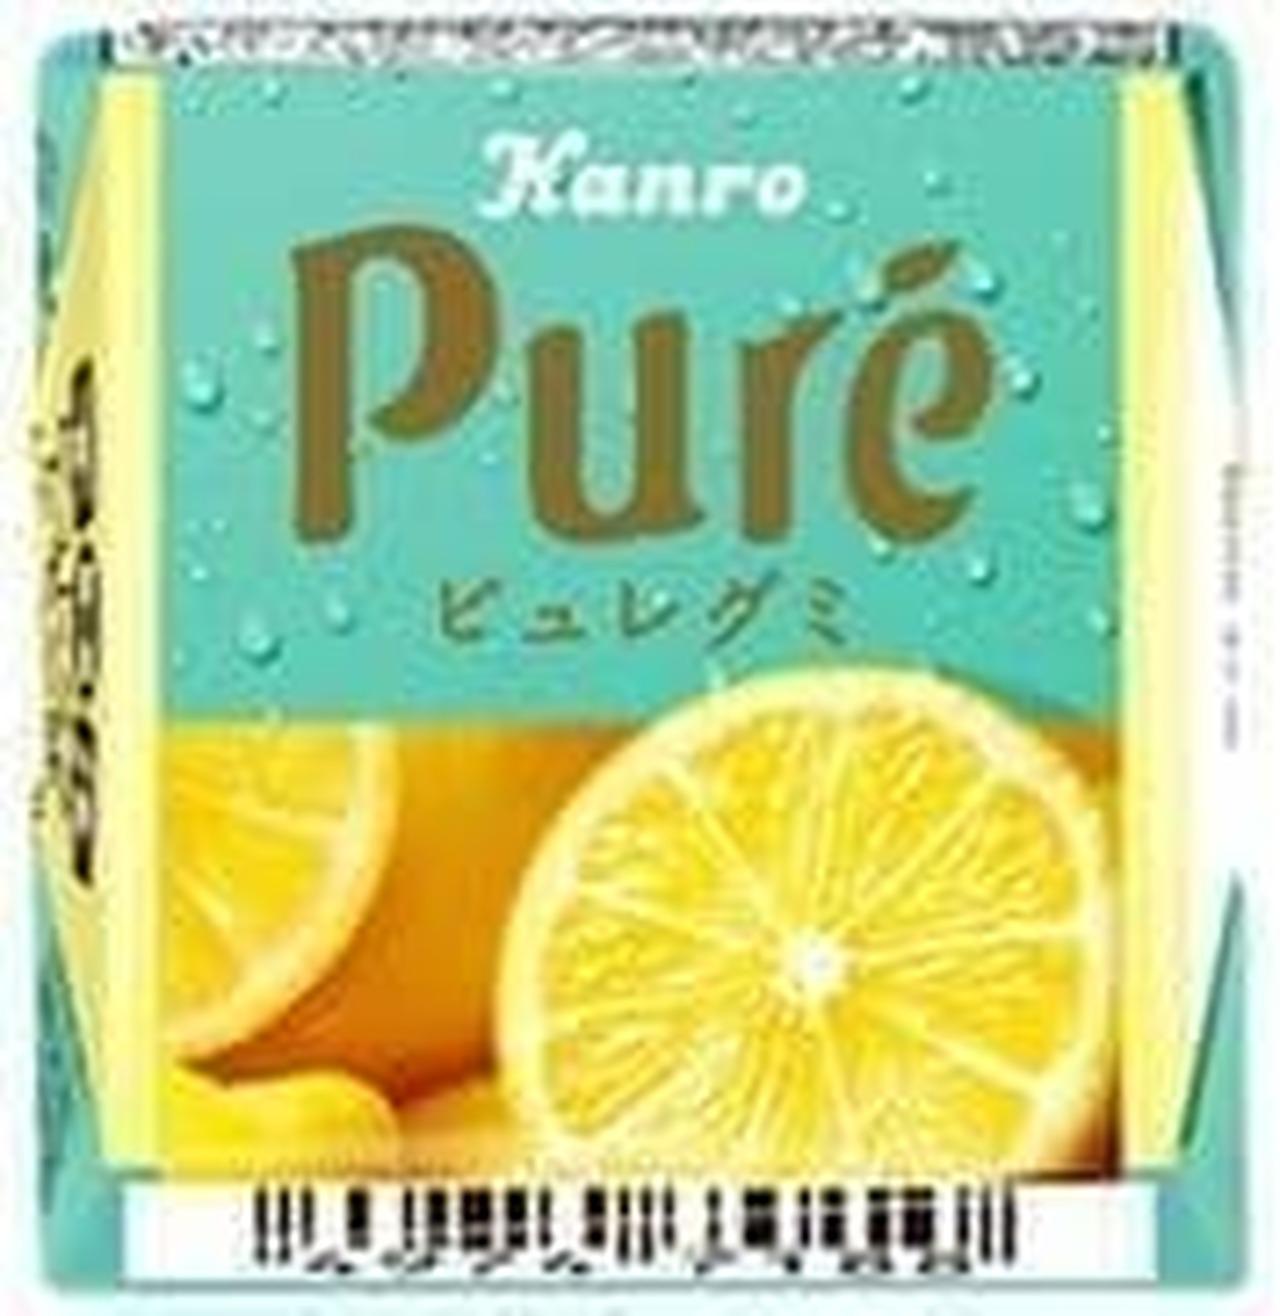 チロルチョコ<ピュレグミレモン>